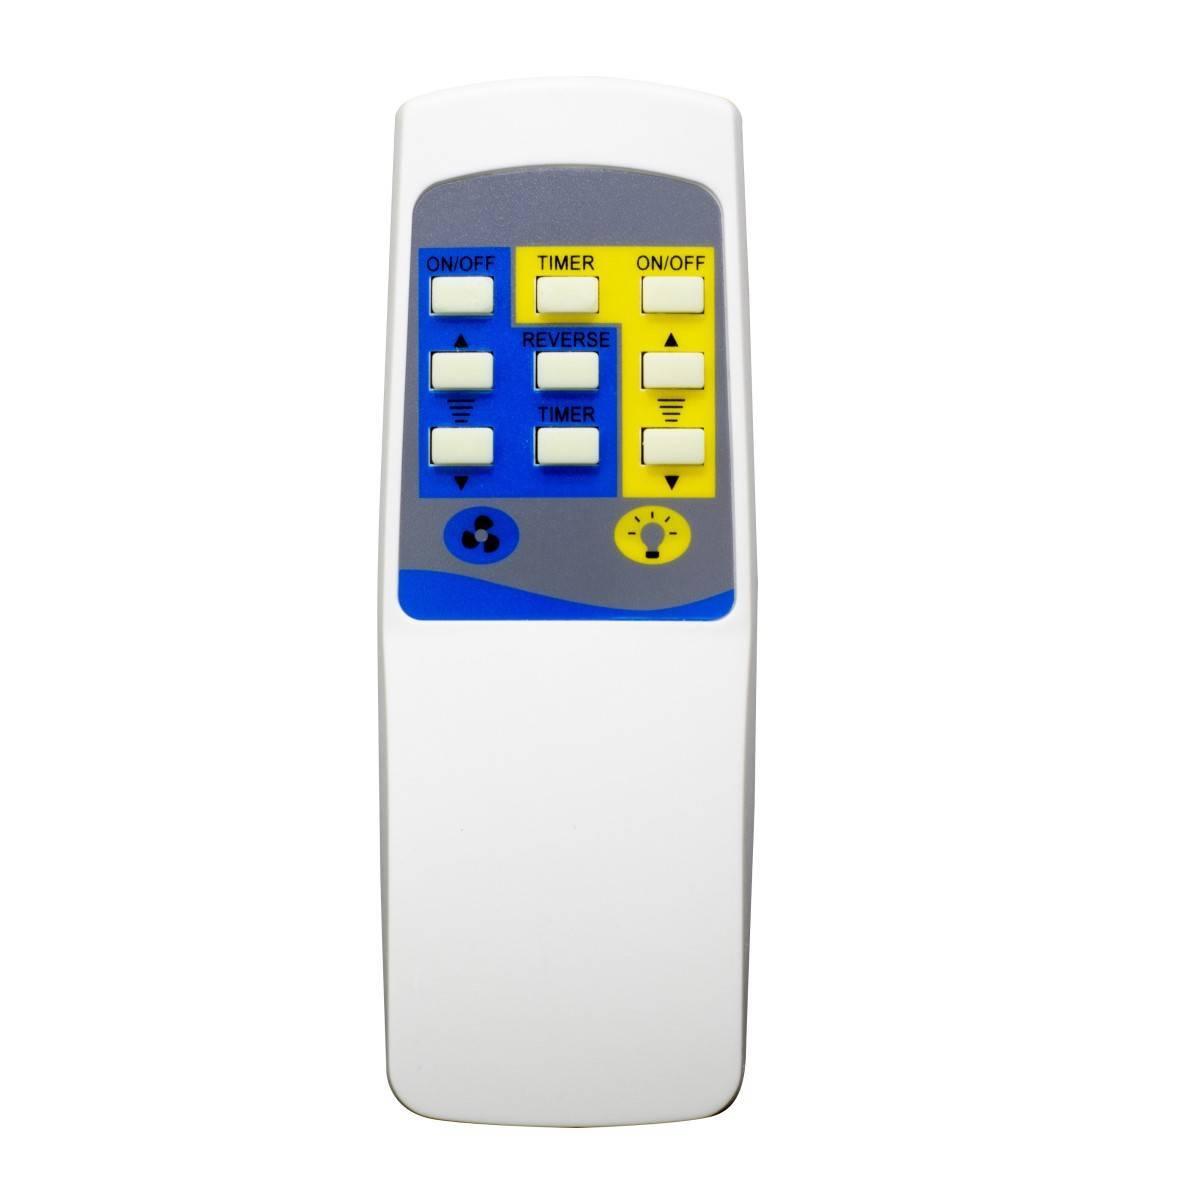 Controle Remoto Para Ventilador De Teto Infravermelho PW - LCGELETRO